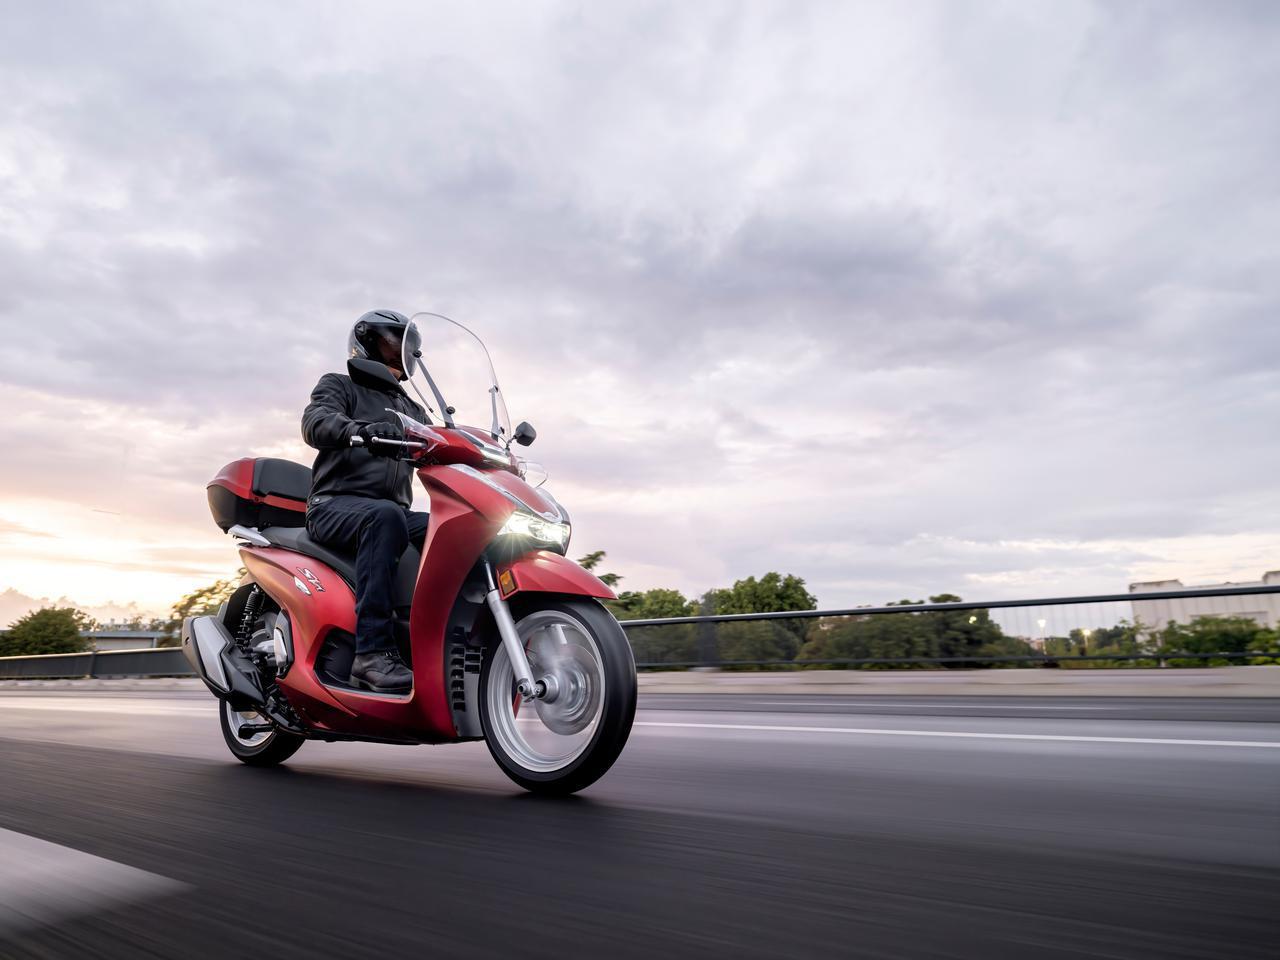 画像: 【2021速報】ホンダが欧州で新型スクーター「SH350i」を発表! 50cc排気量アップ・シリーズ共通フェイスリフト・LCD多機能メーター採用などフルモデルチェンジ! - webオートバイ